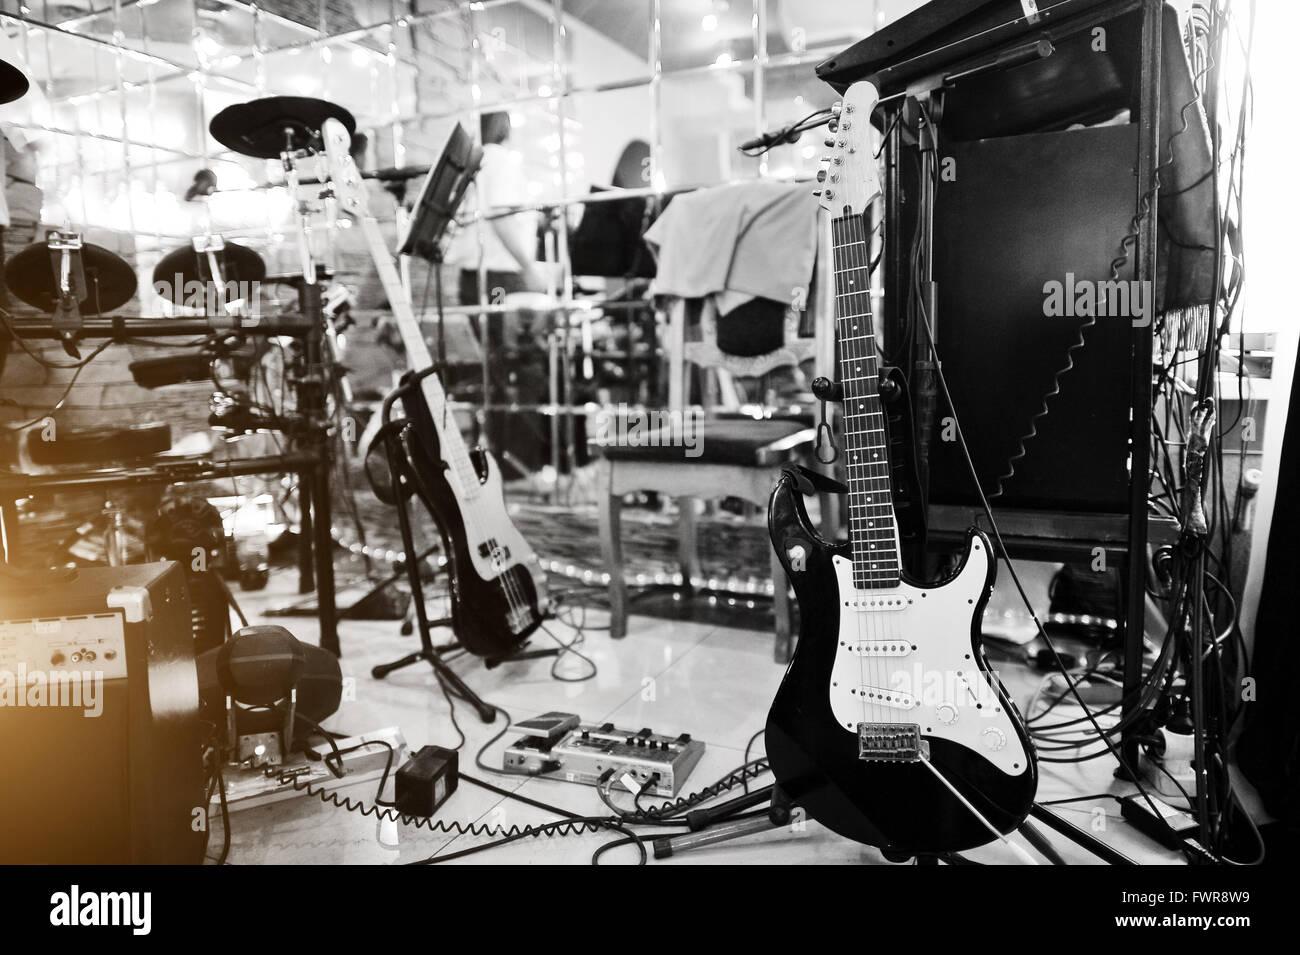 Configuración de procesamiento de audio y efectos de guitarra guitarra eléctrica Imagen De Stock